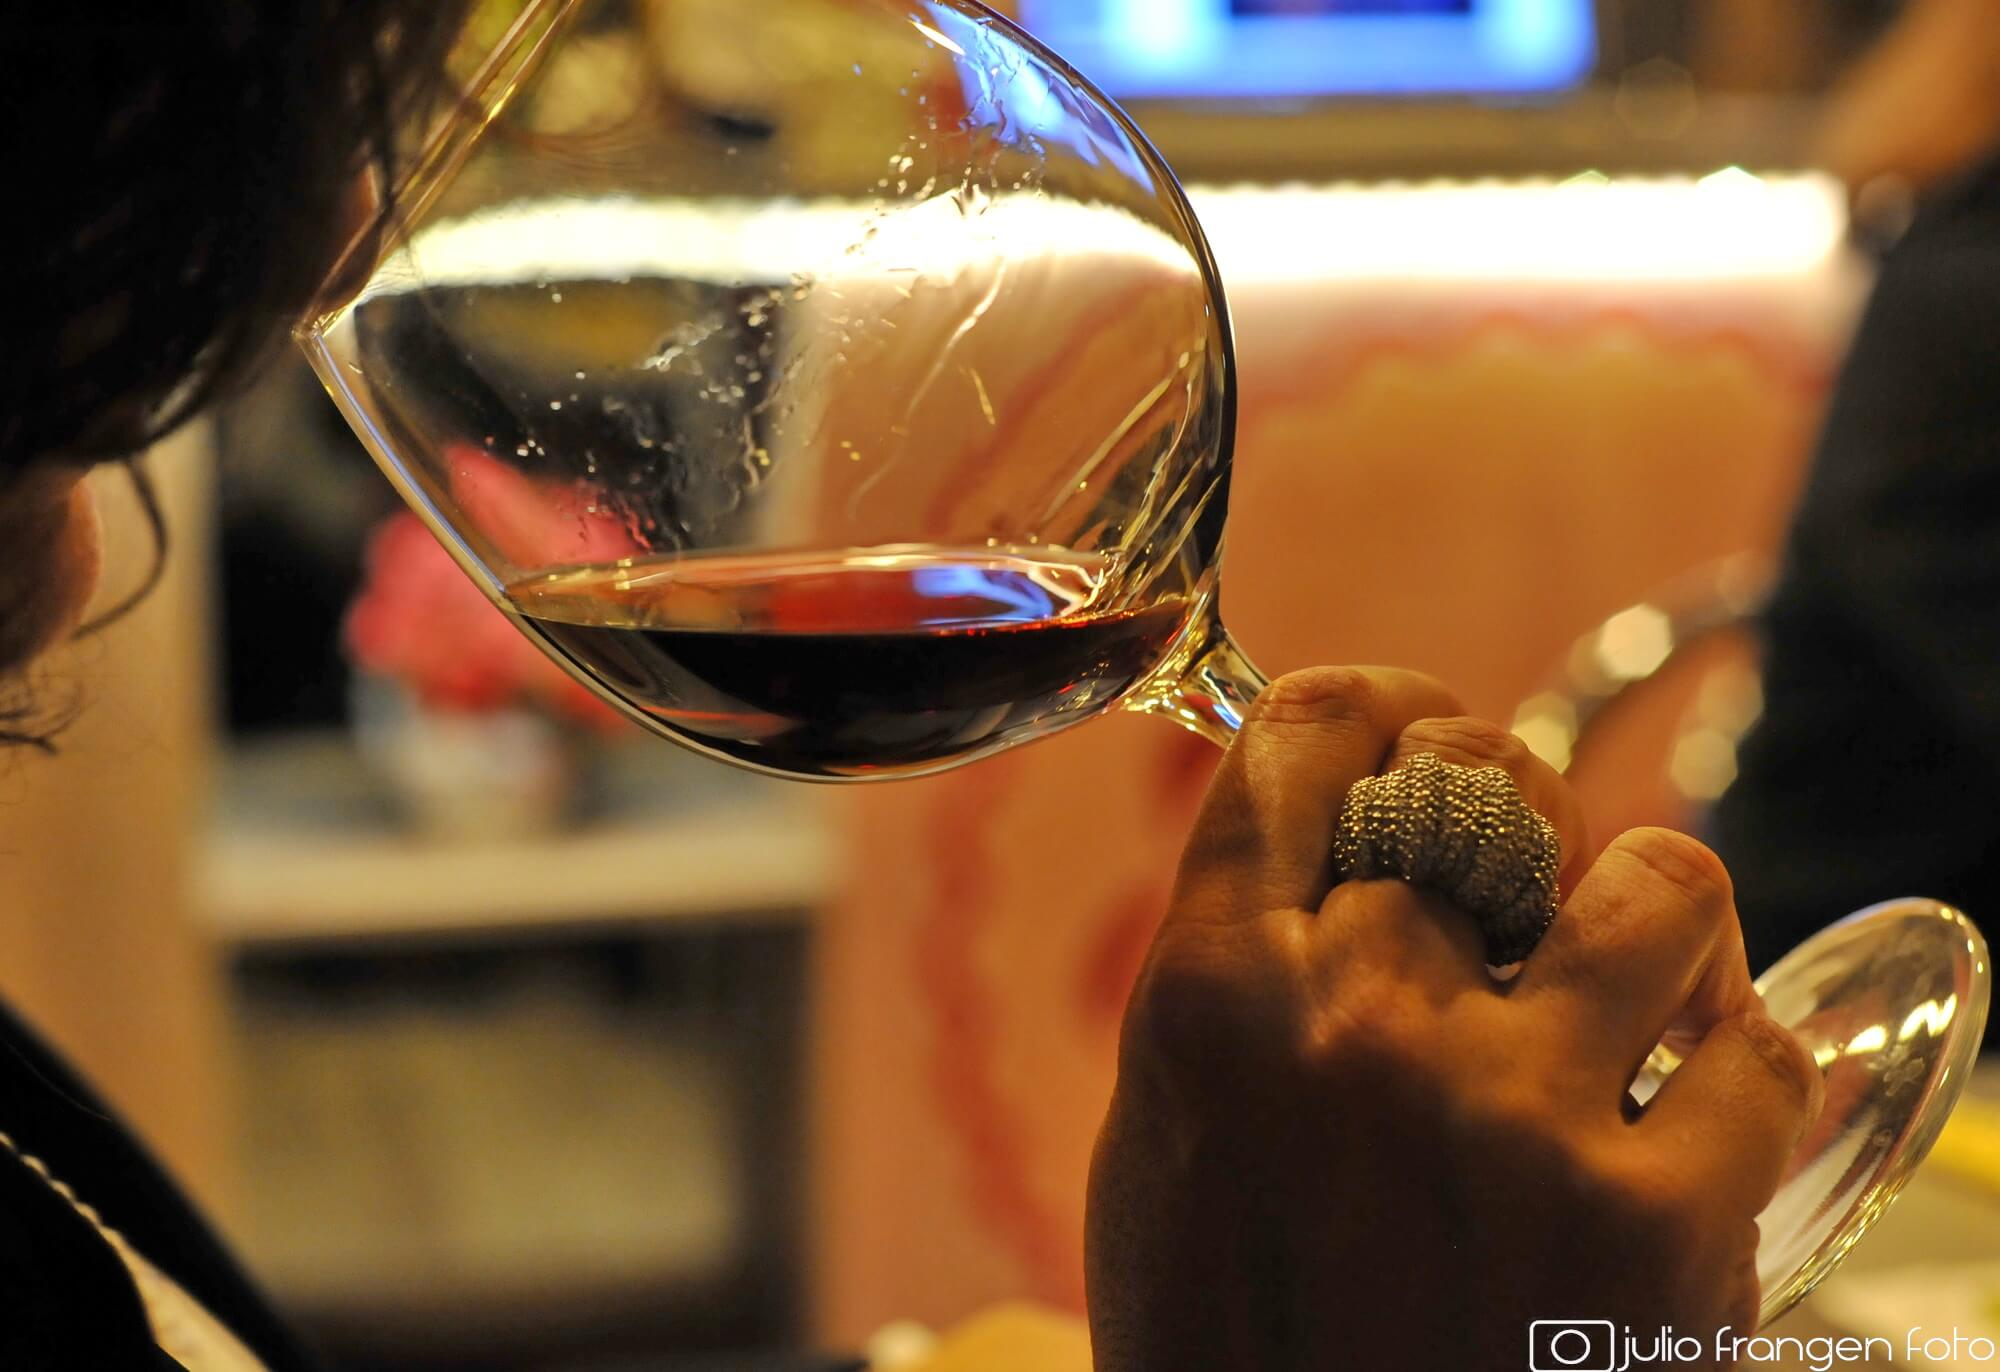 """Le francais et le vin: un vin primeur/jeune  &  la """"vente en primeur"""""""